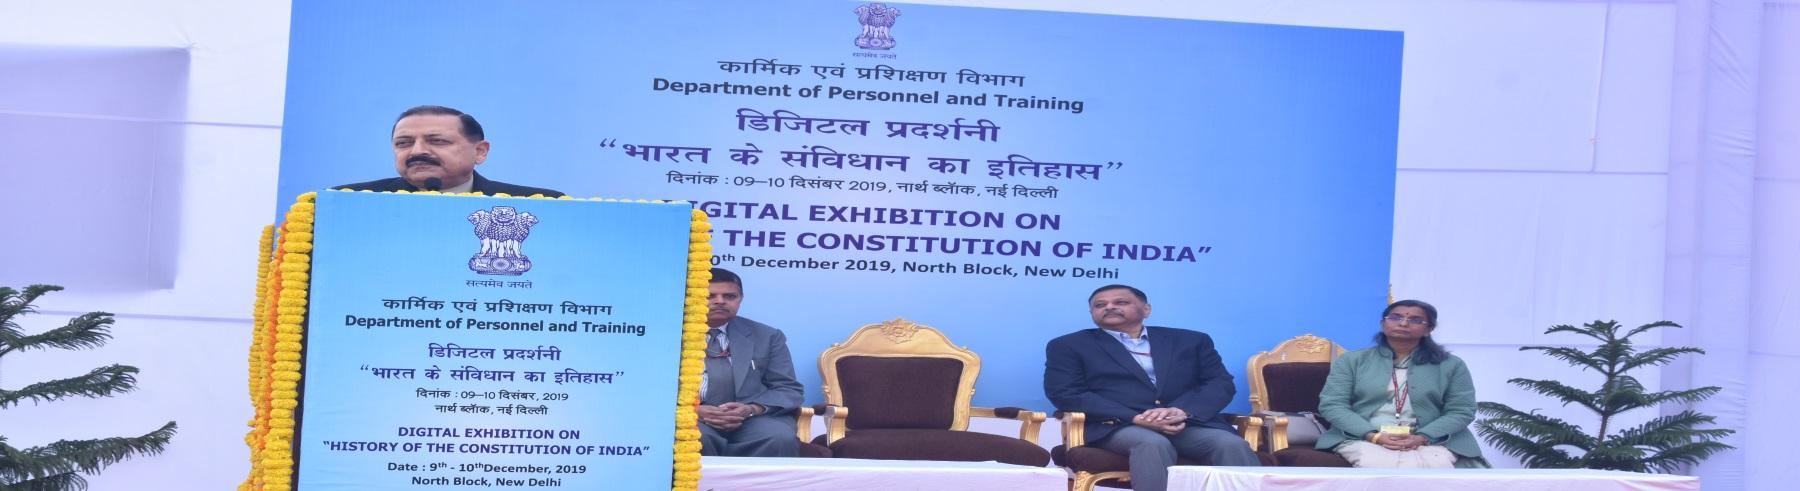 माननीय कार्मिक राज्य मंत्री डा. जितेंद्र सिंह जी के द्वारा भारत के संविधान का इतिहास के बारे में डिजिटल प्रदर्शनी के शुभारंभ के अवसर पर संबोधन